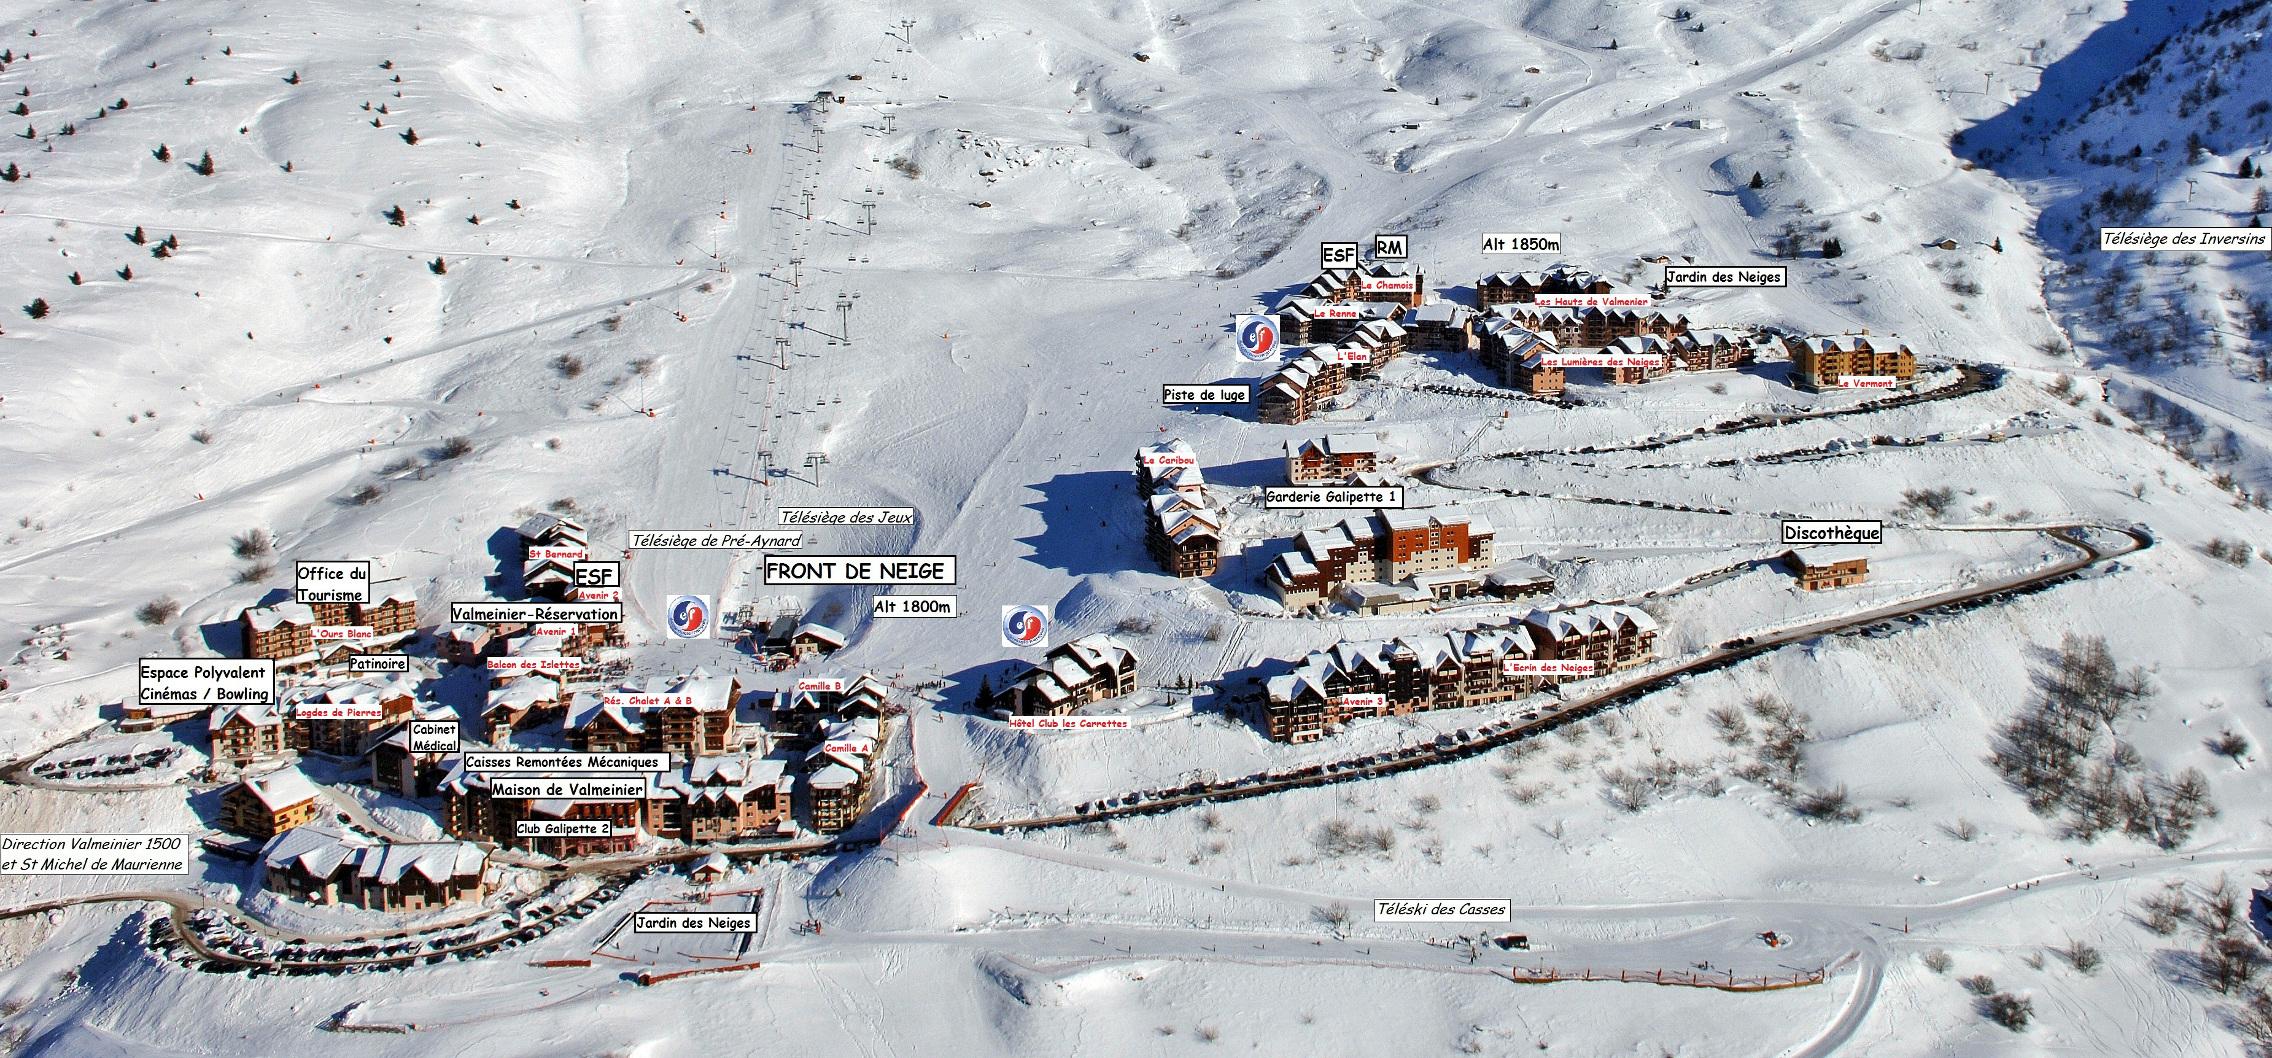 Campagne asint le week end ski marie clef - Office du tourisme valmeinier 1800 ...